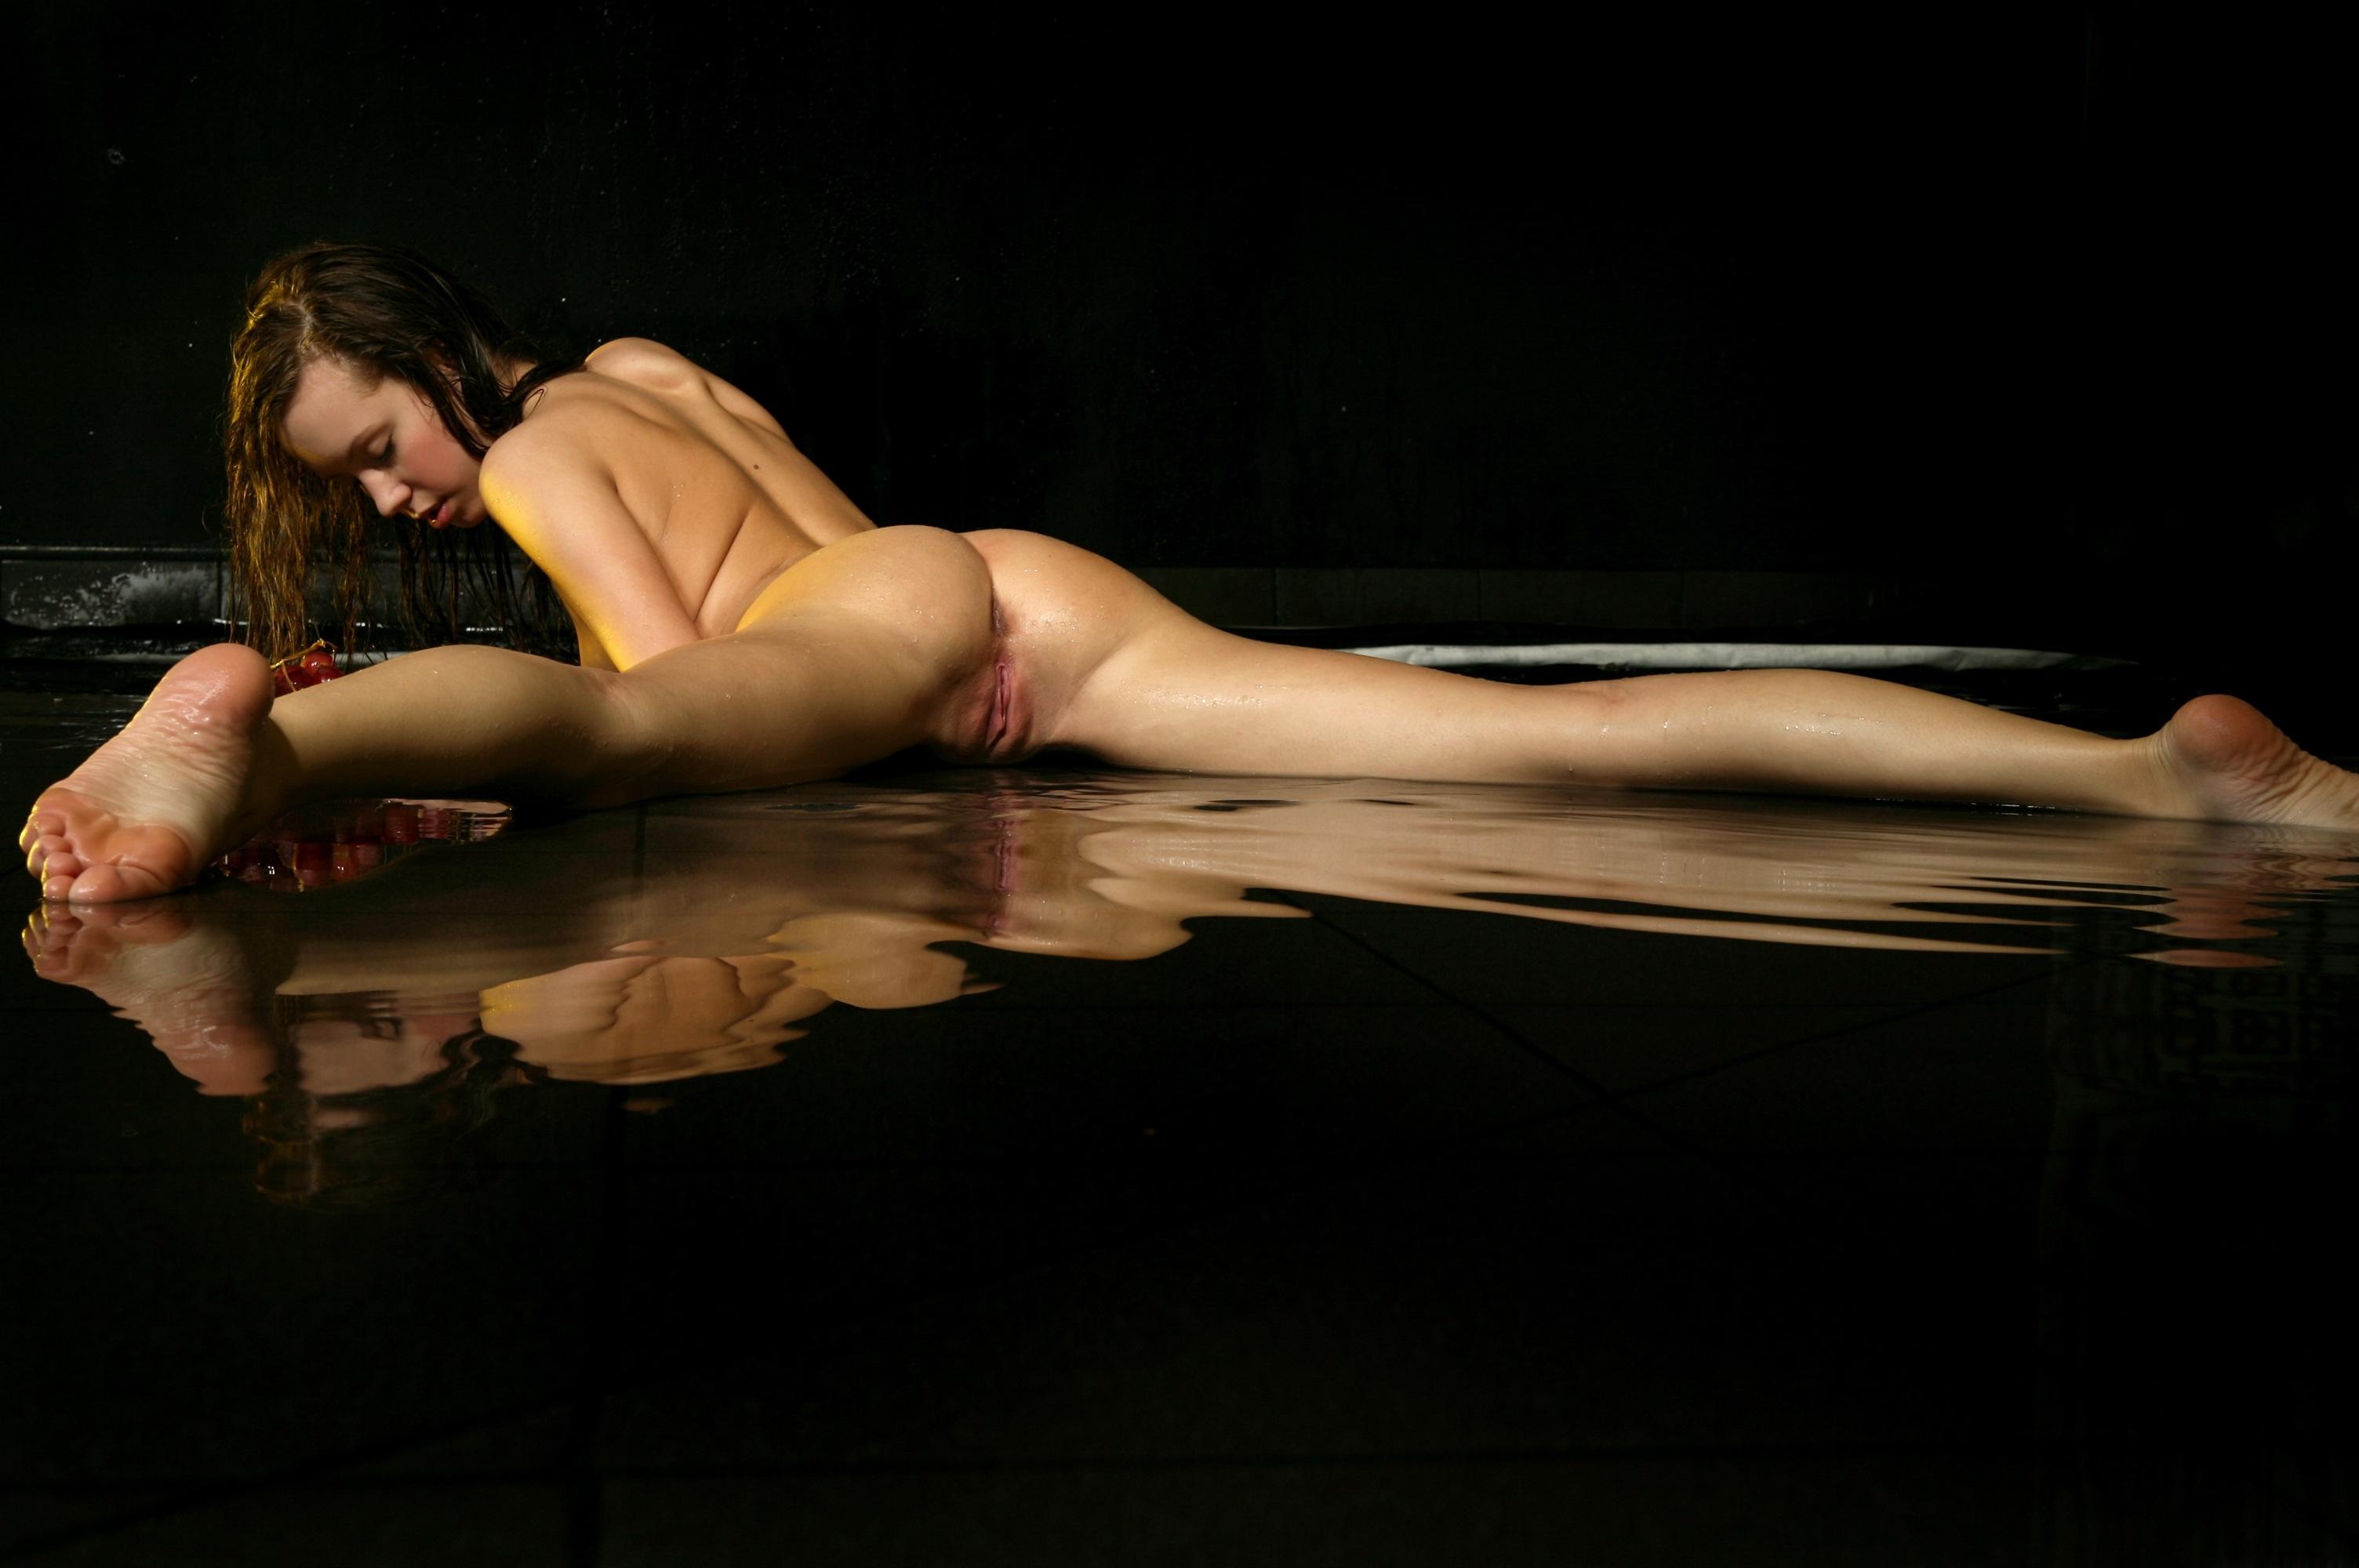 hot erotic porn hd